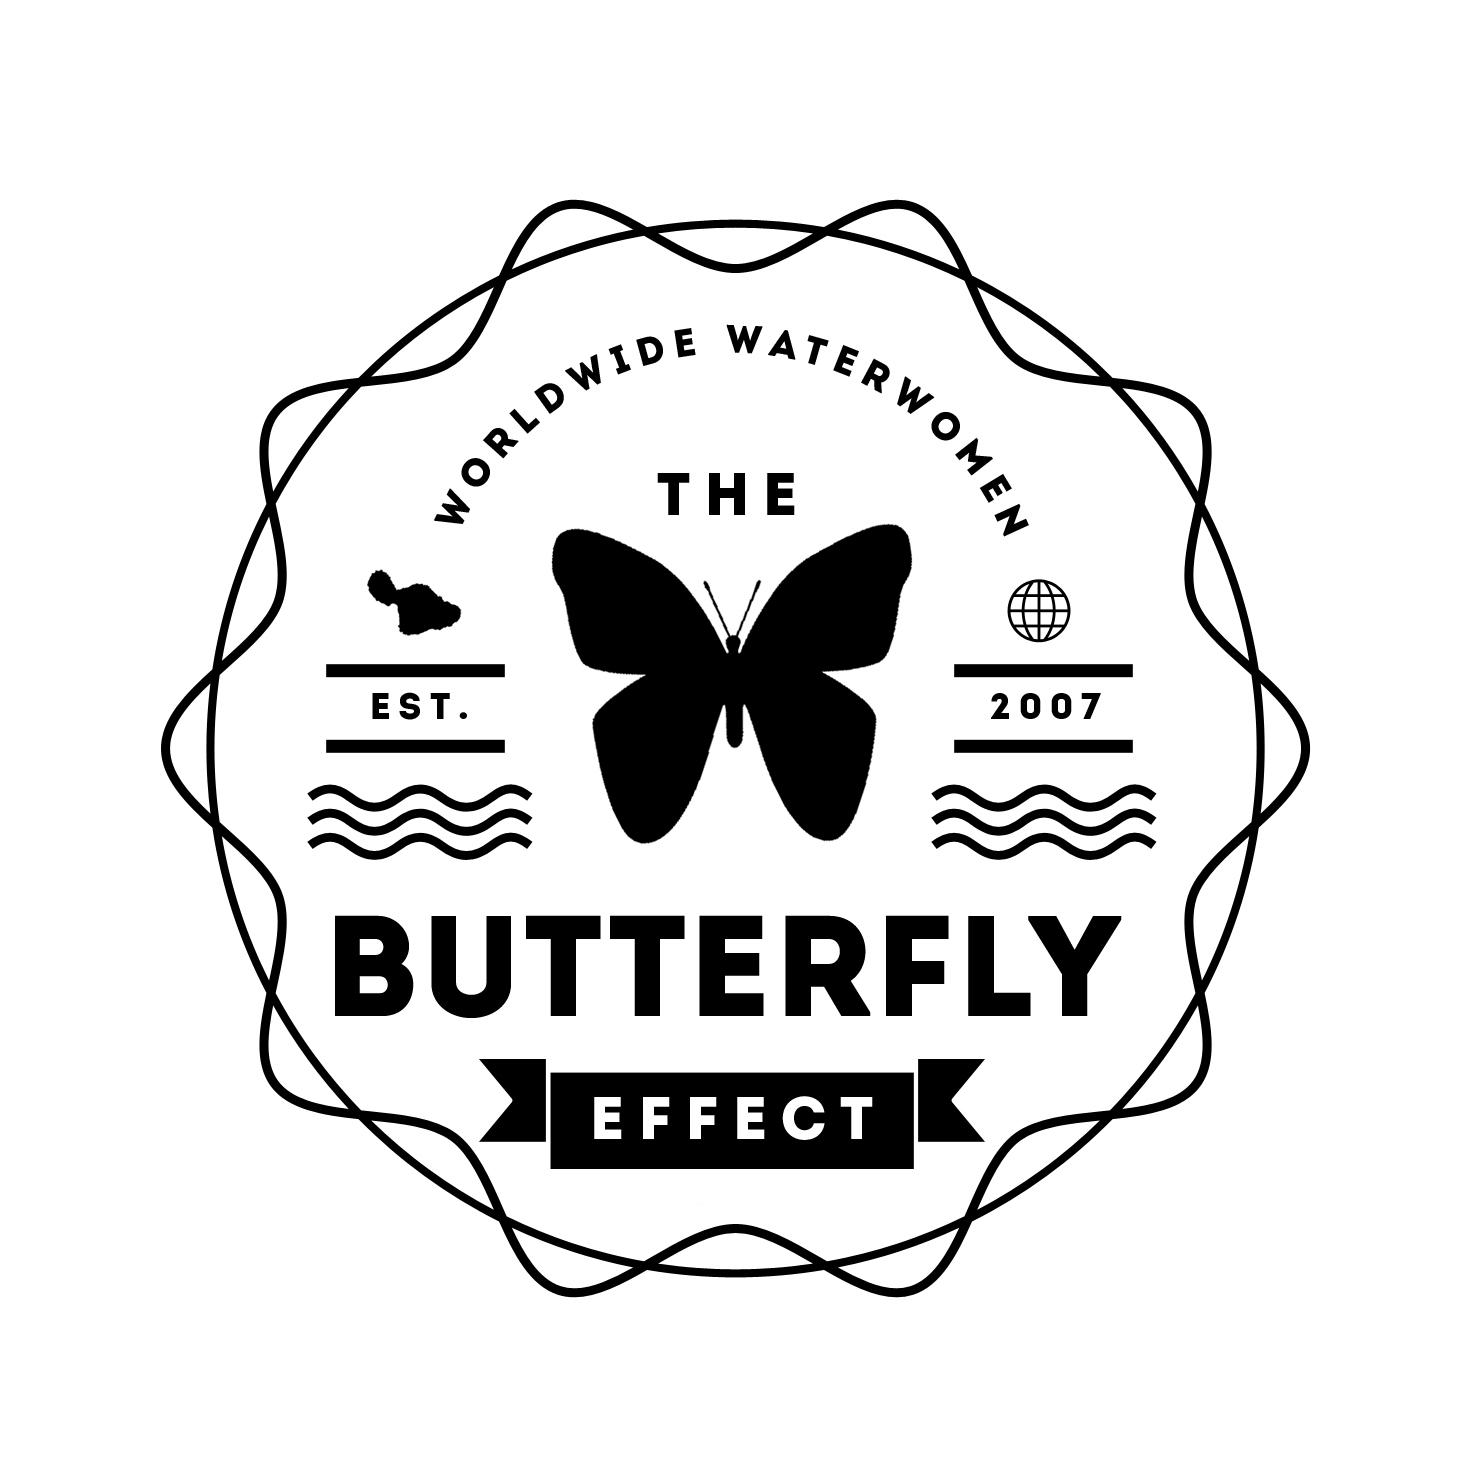 butterflyeffect-logo